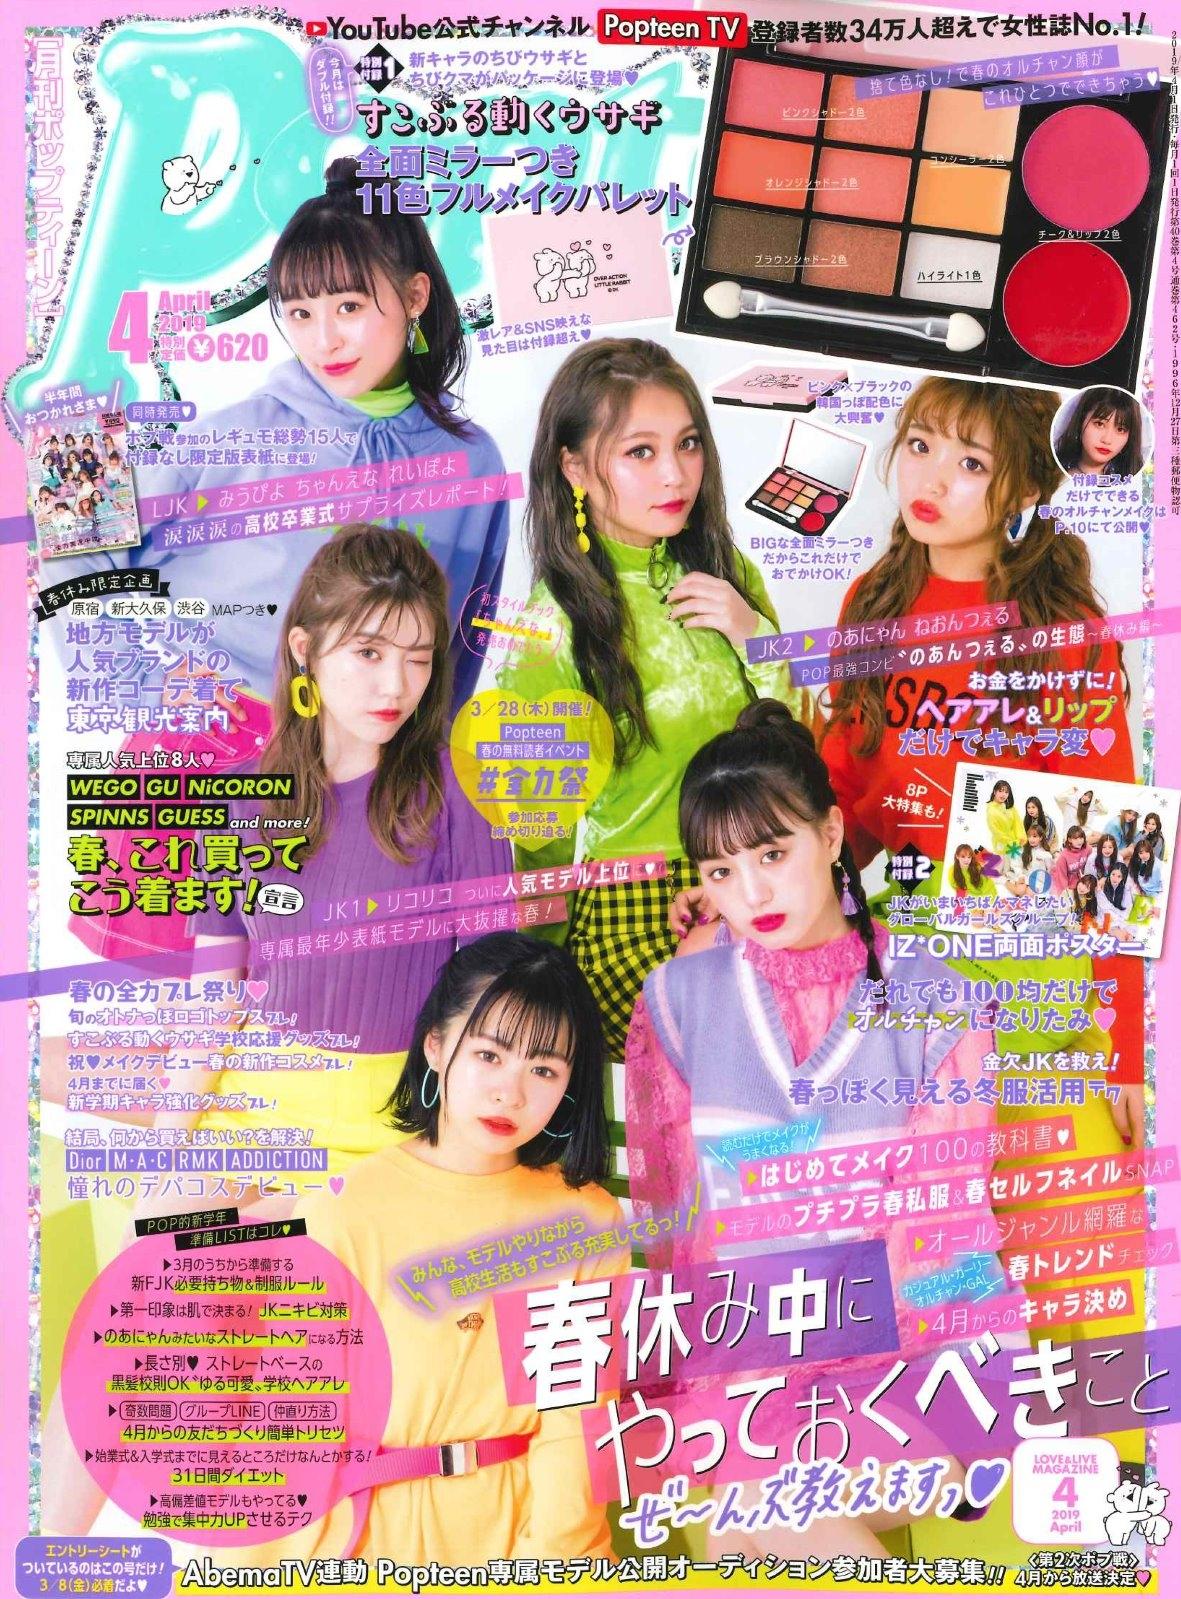 【Popteen】4月号掲載情報